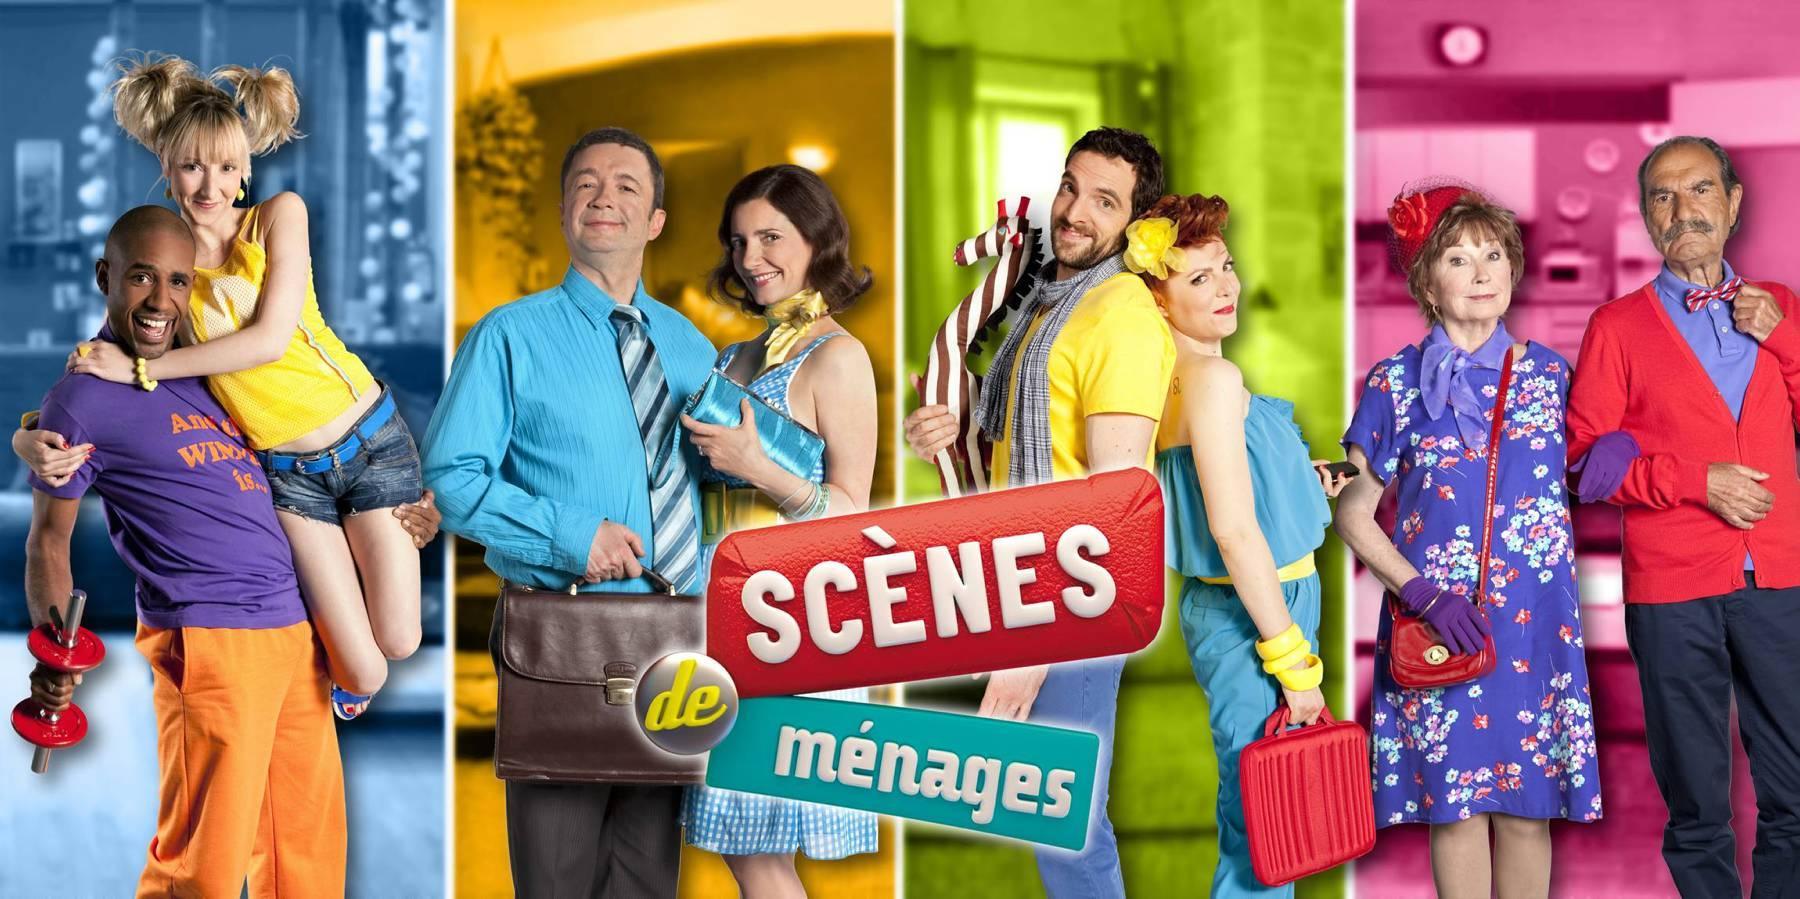 35 - Scènes de ménages : Cédric et Marion